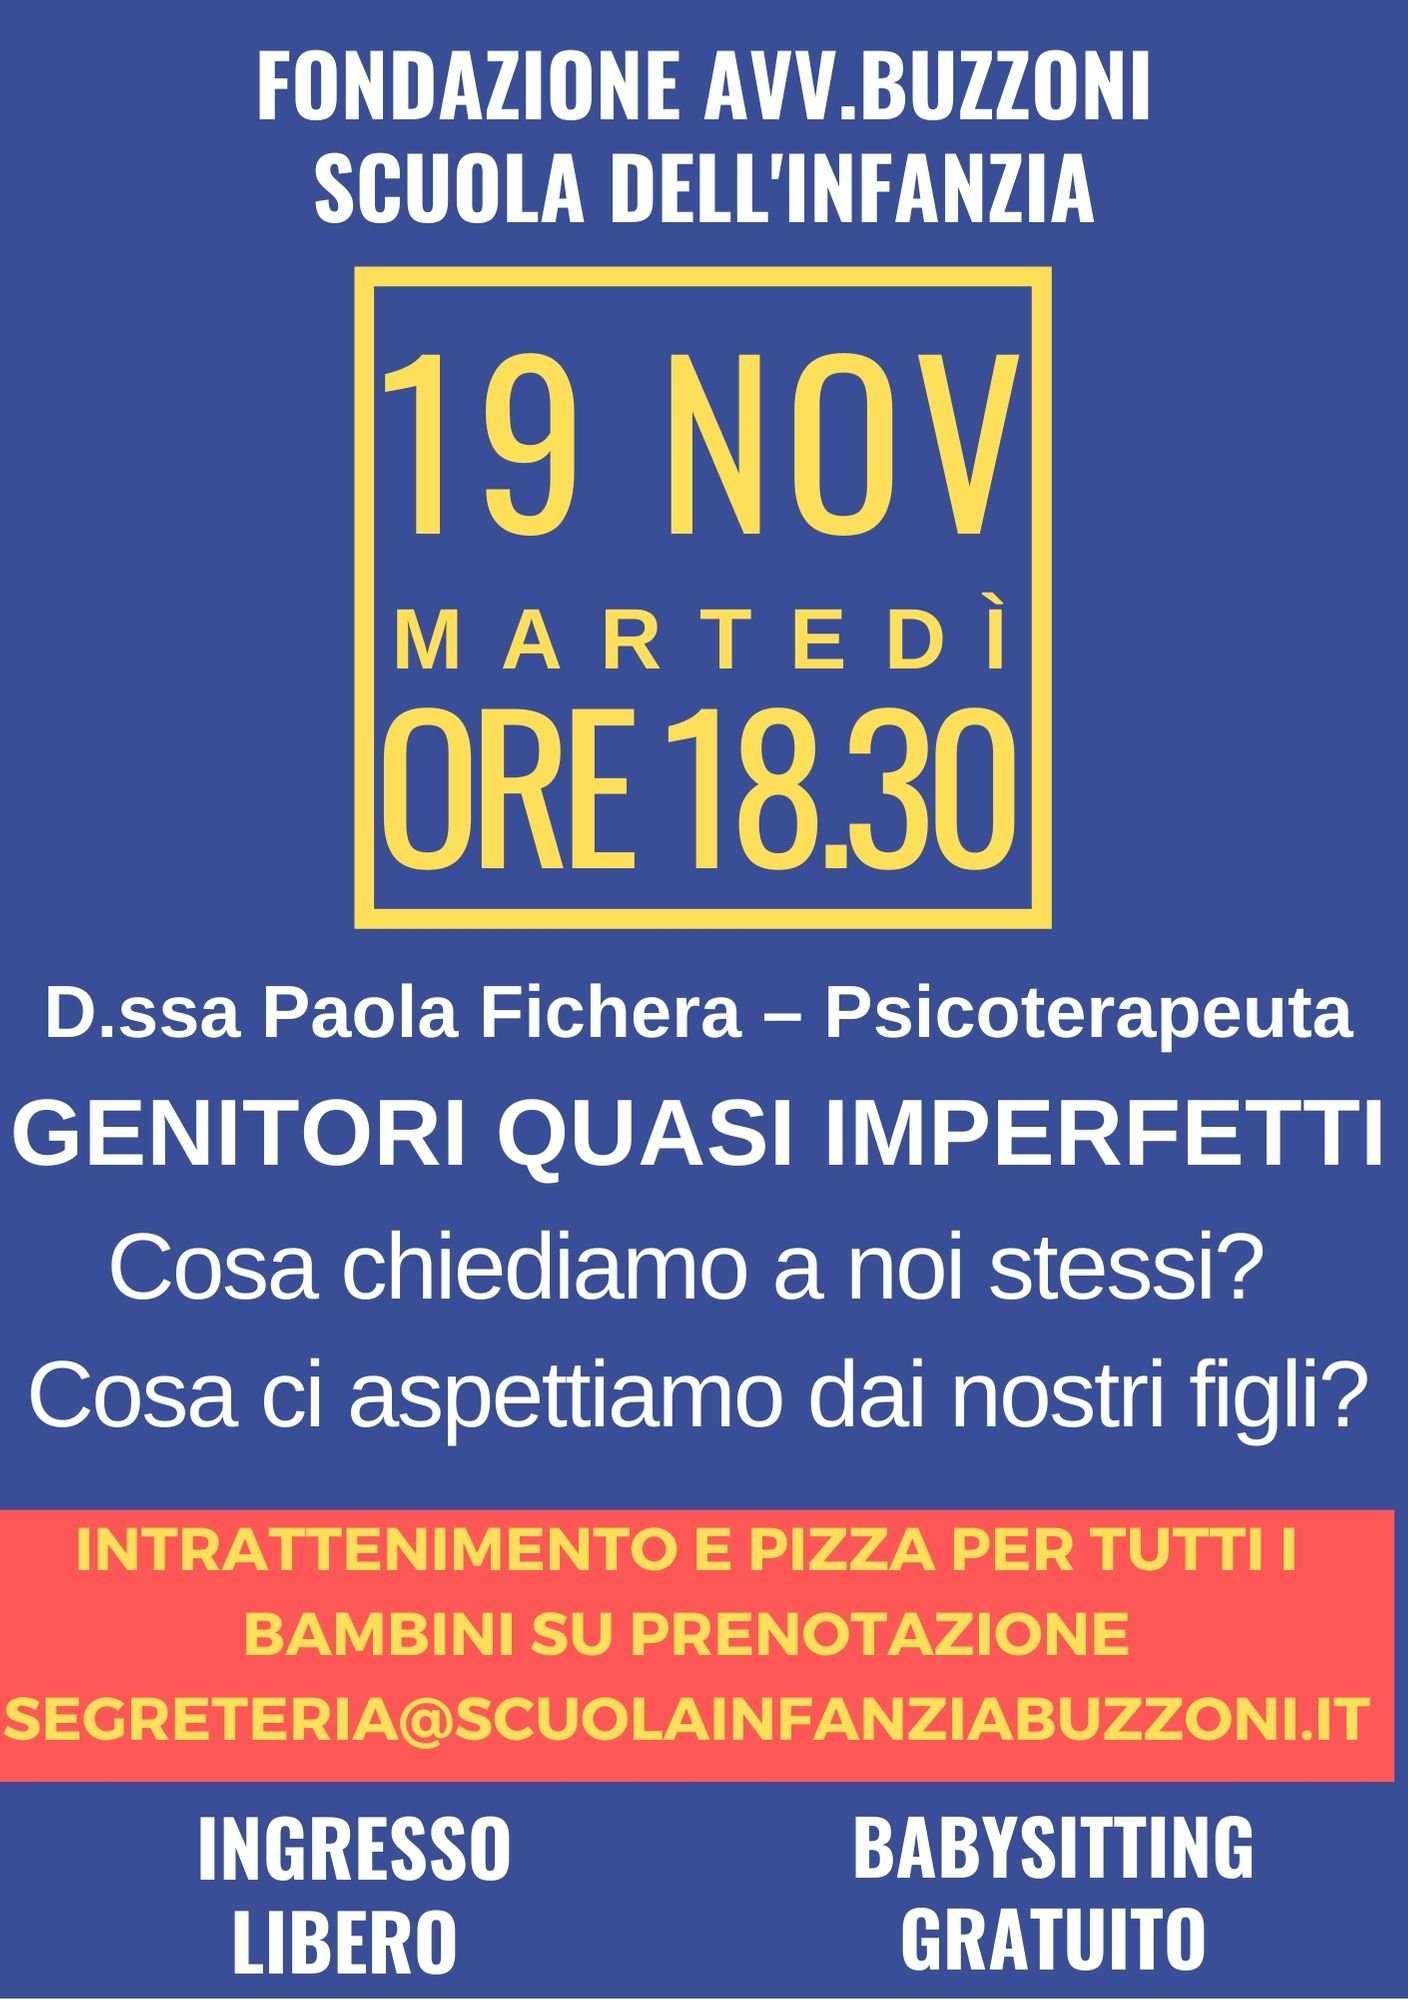 incontro 19 novembre - Scuola Materna Peschiera Borromeo